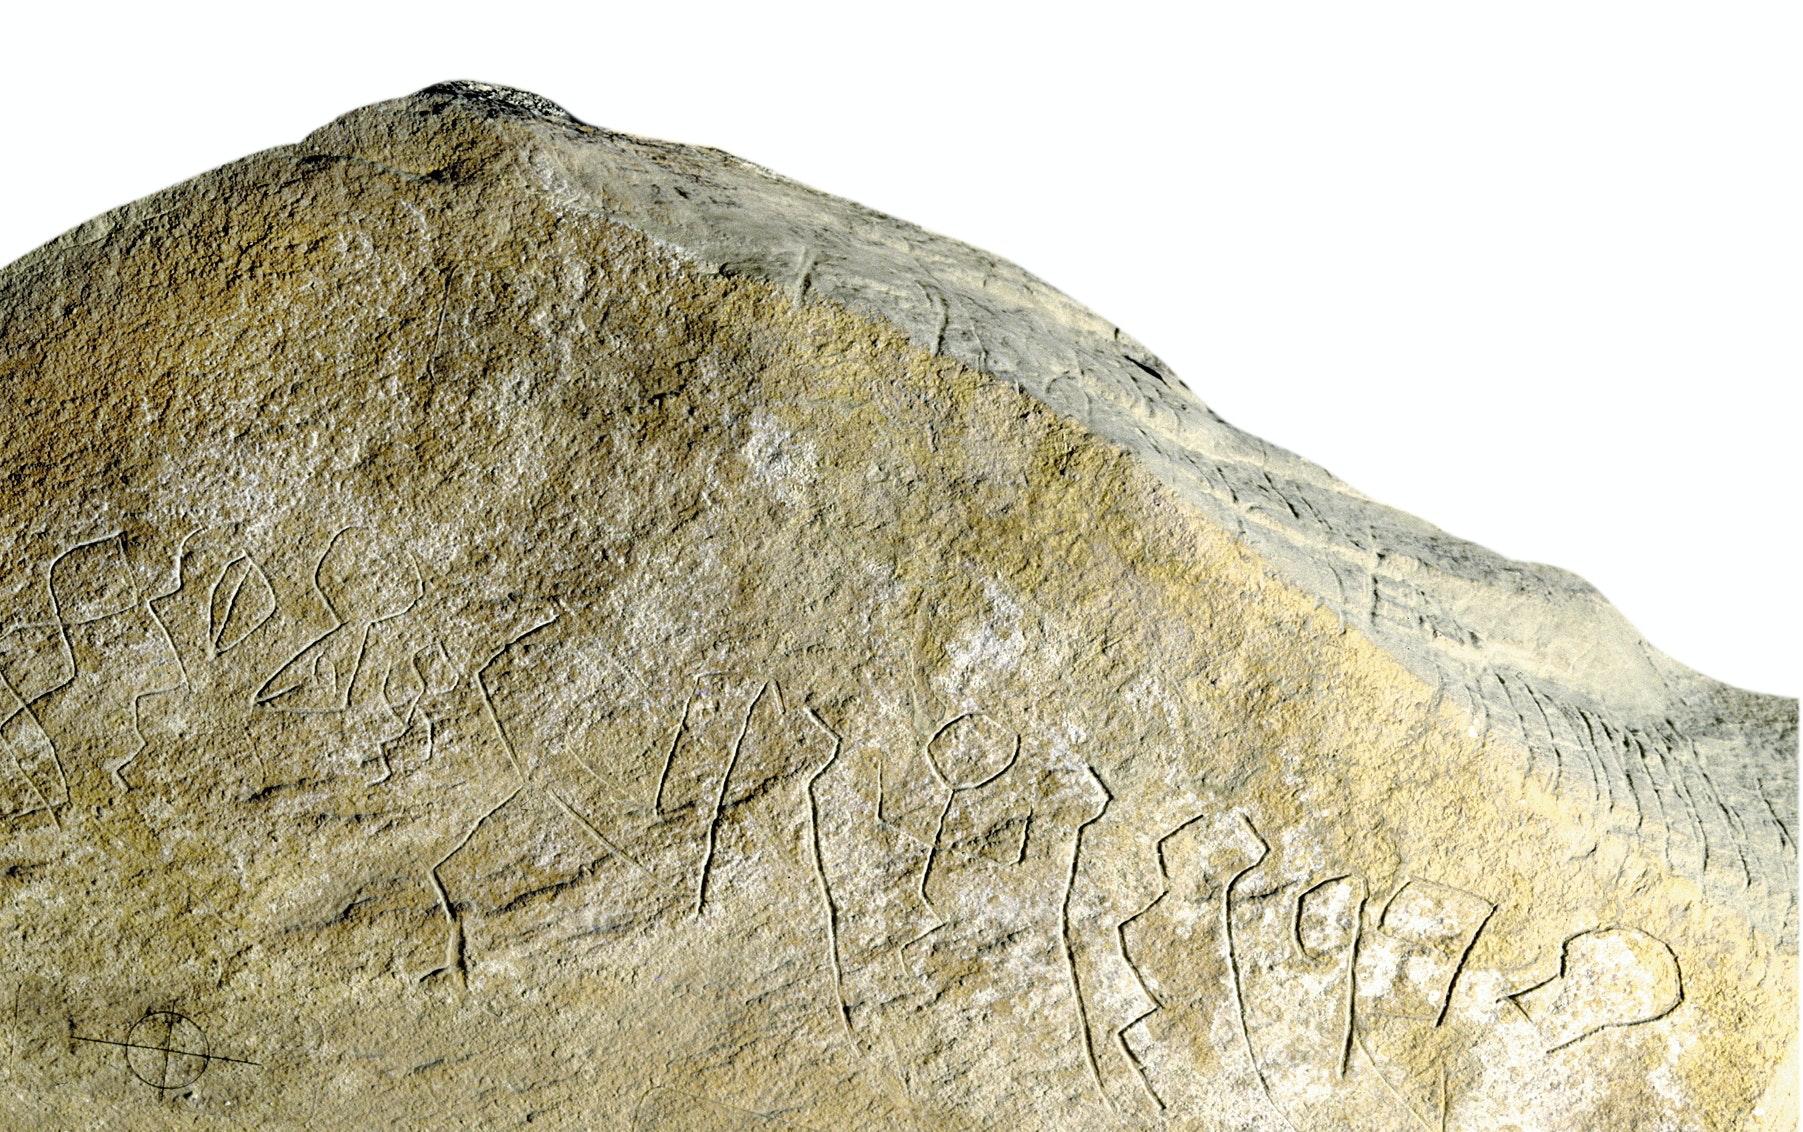 Egyptiska skrivtecken på kalksten - föregångare till alfabetet